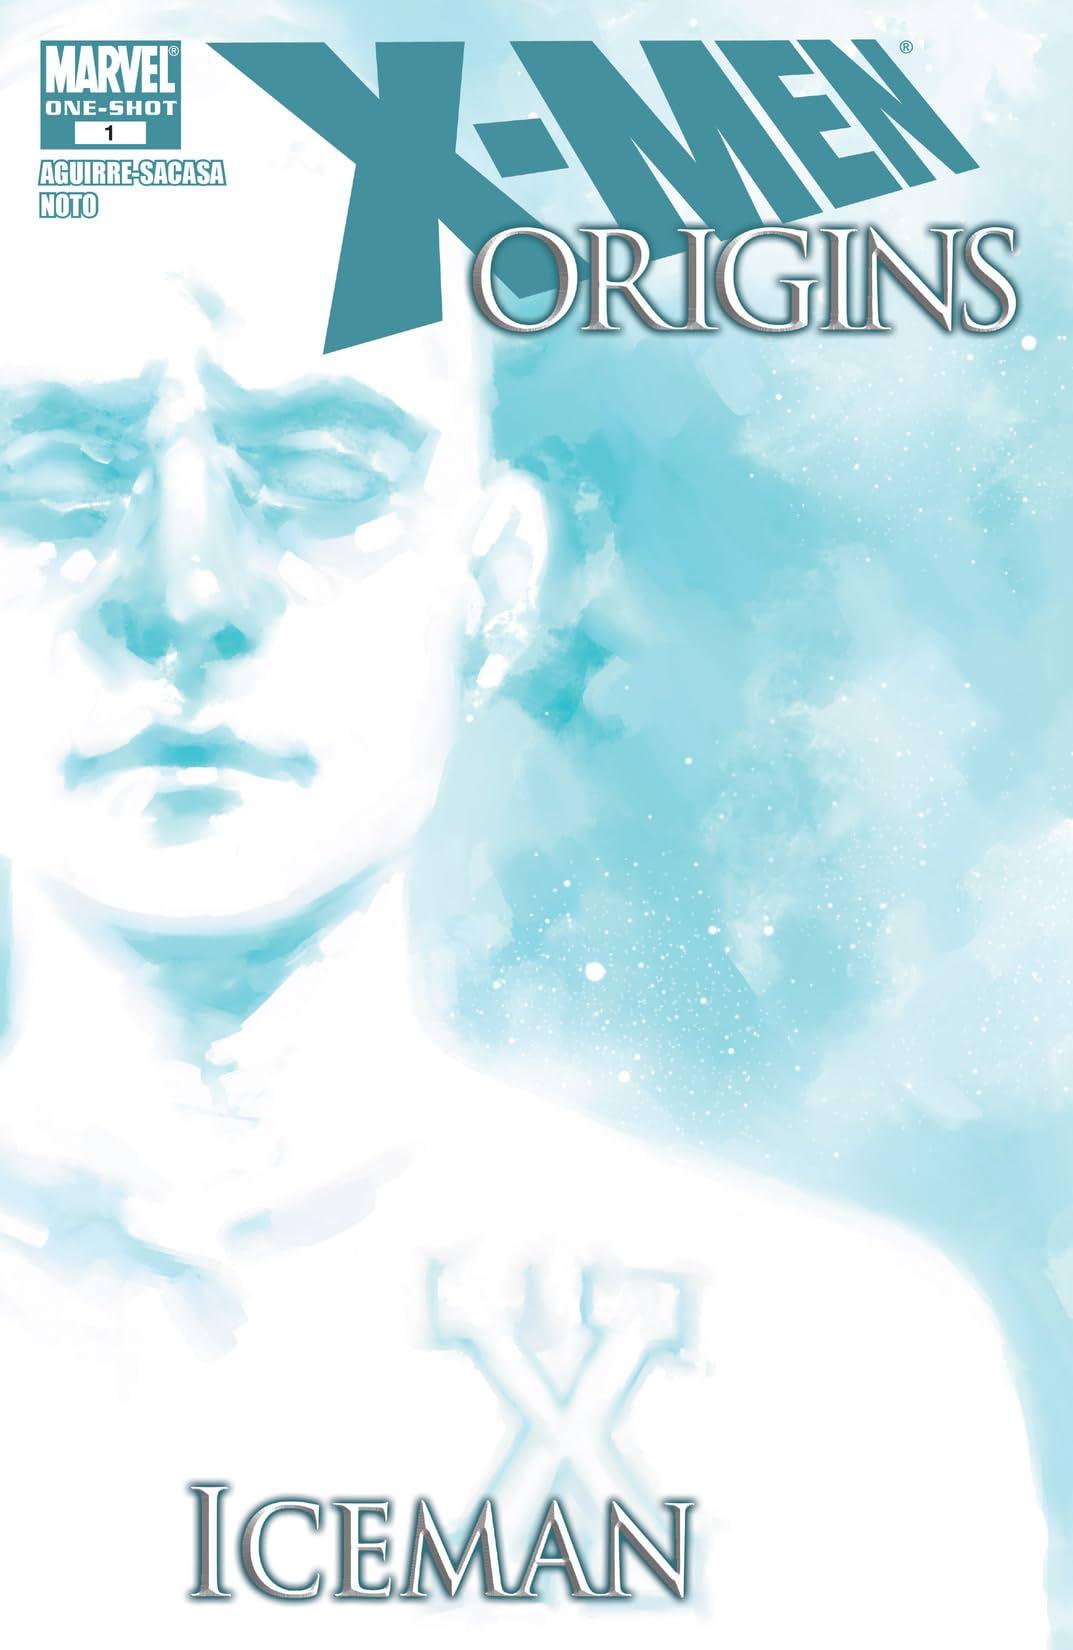 X-Men Origins: Iceman #1